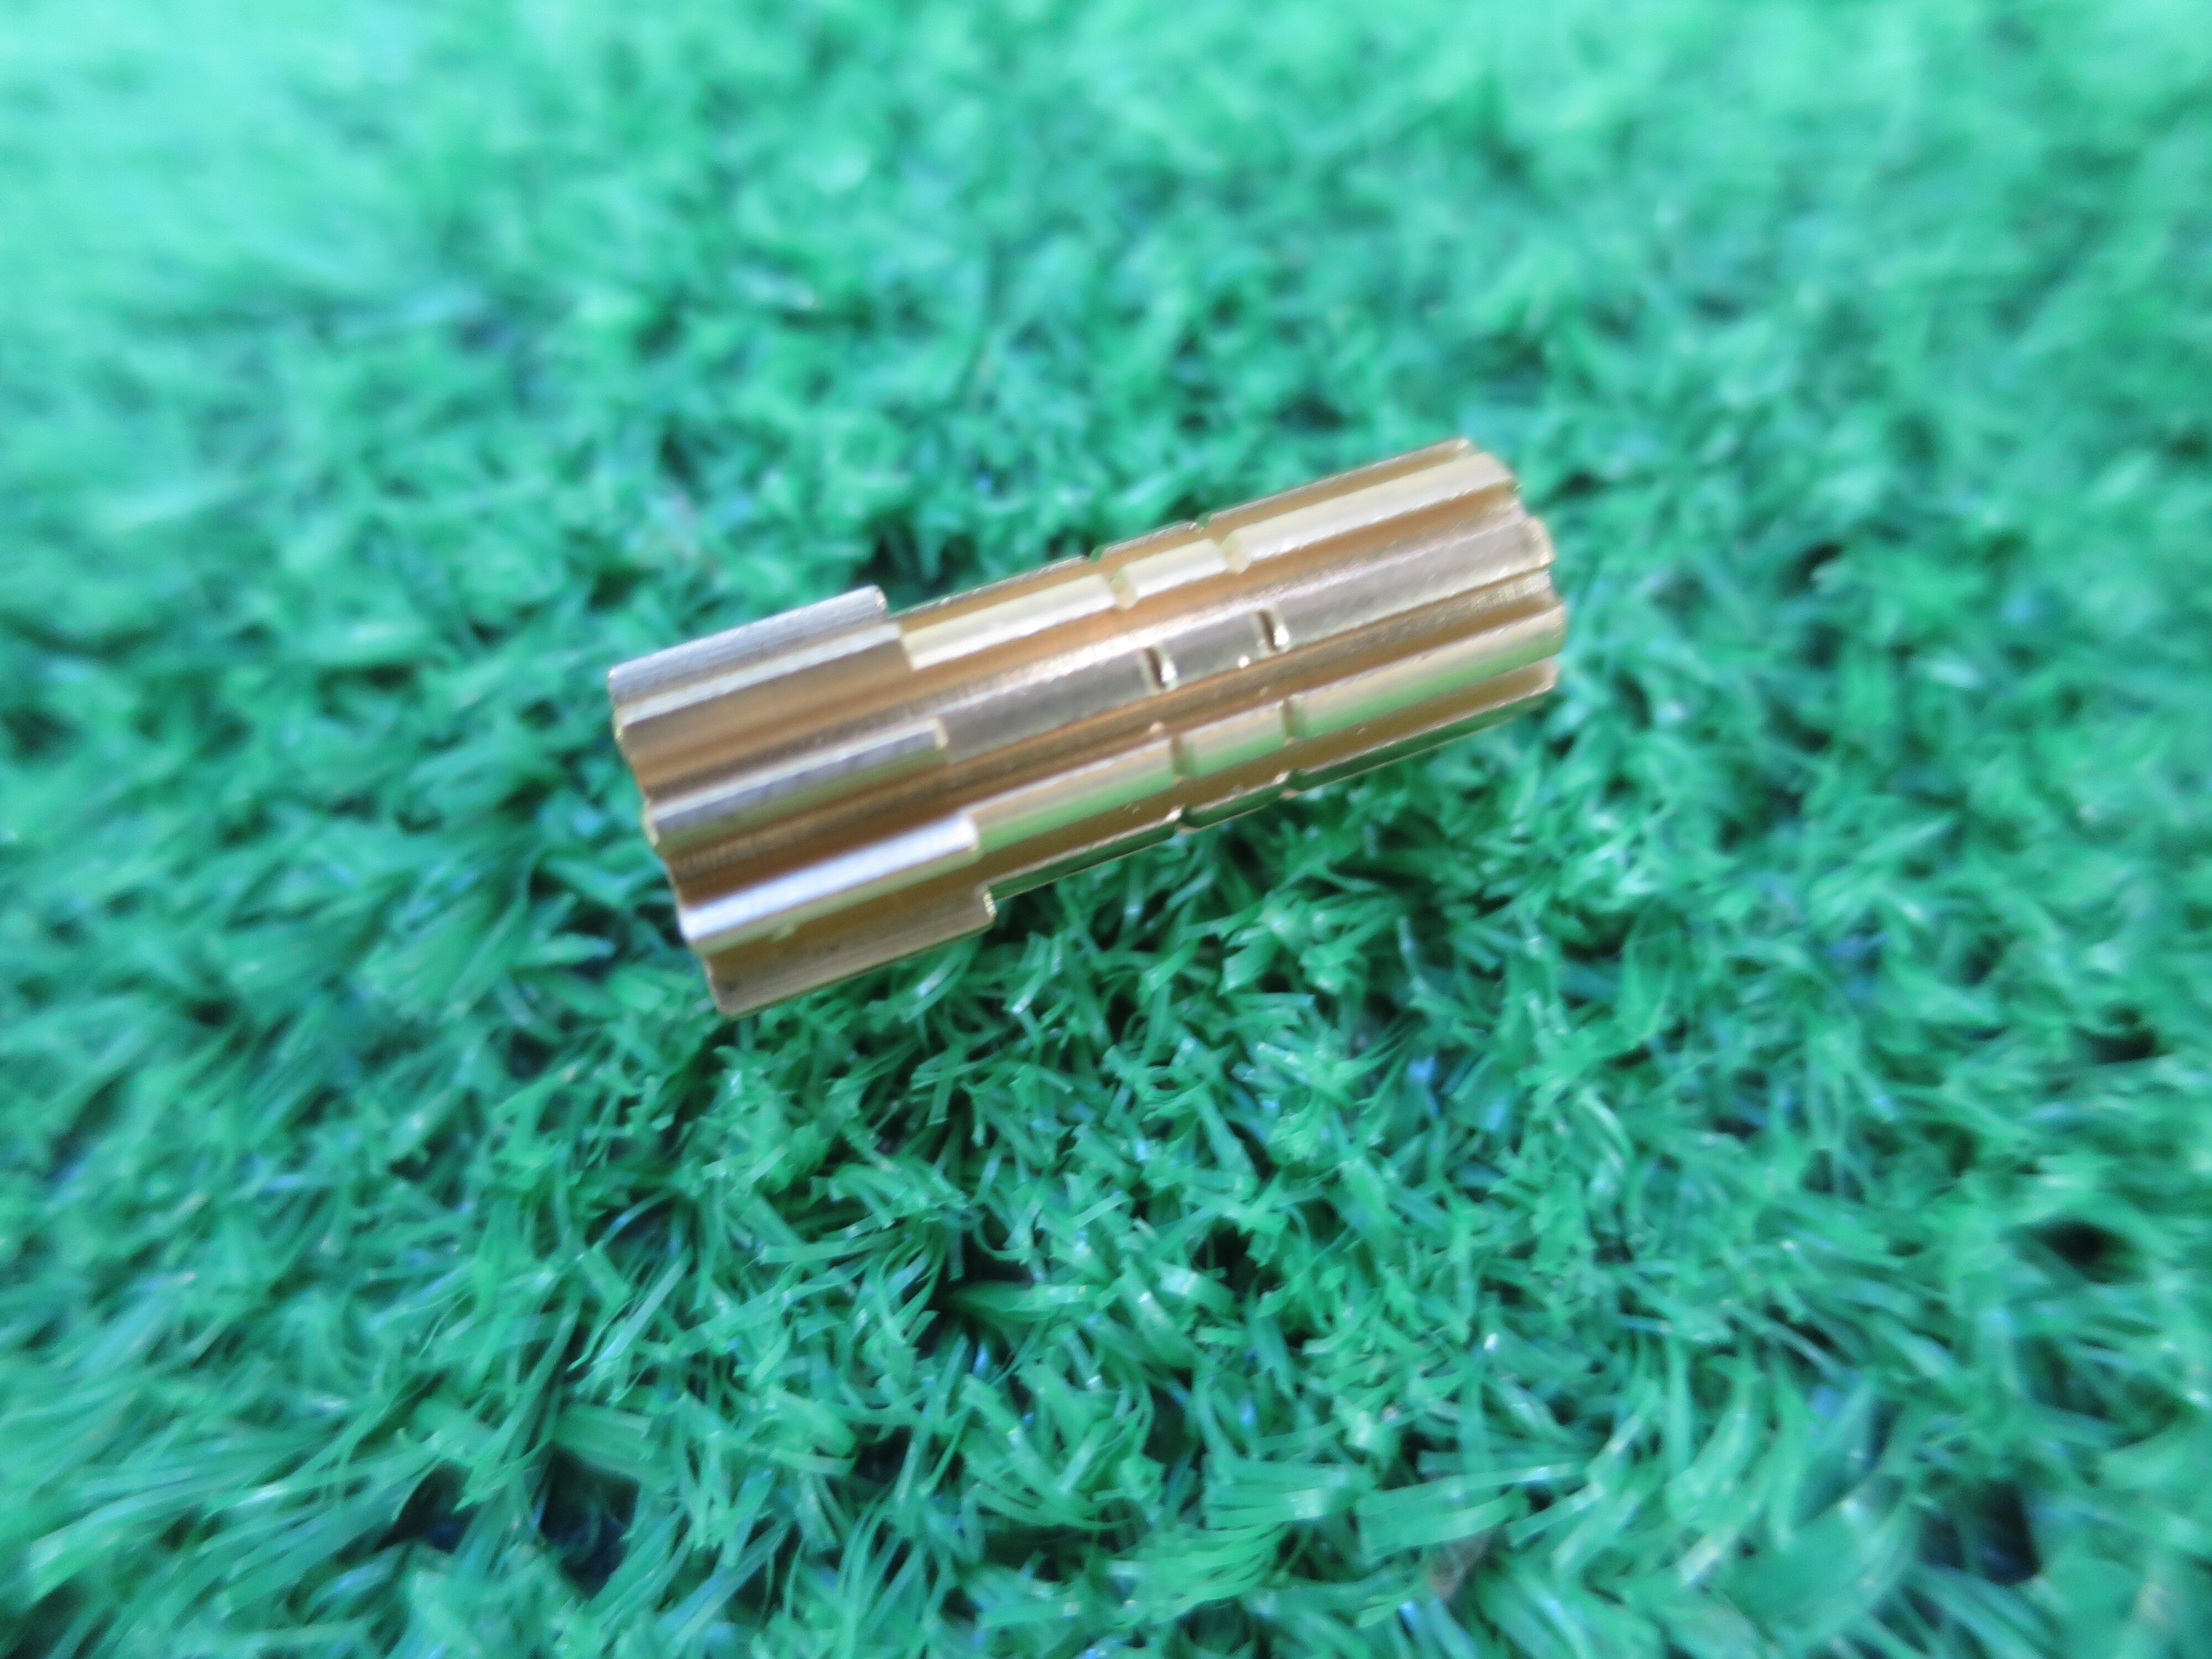 タミヤ CW-01系 3505015 10Tピニオンギヤ